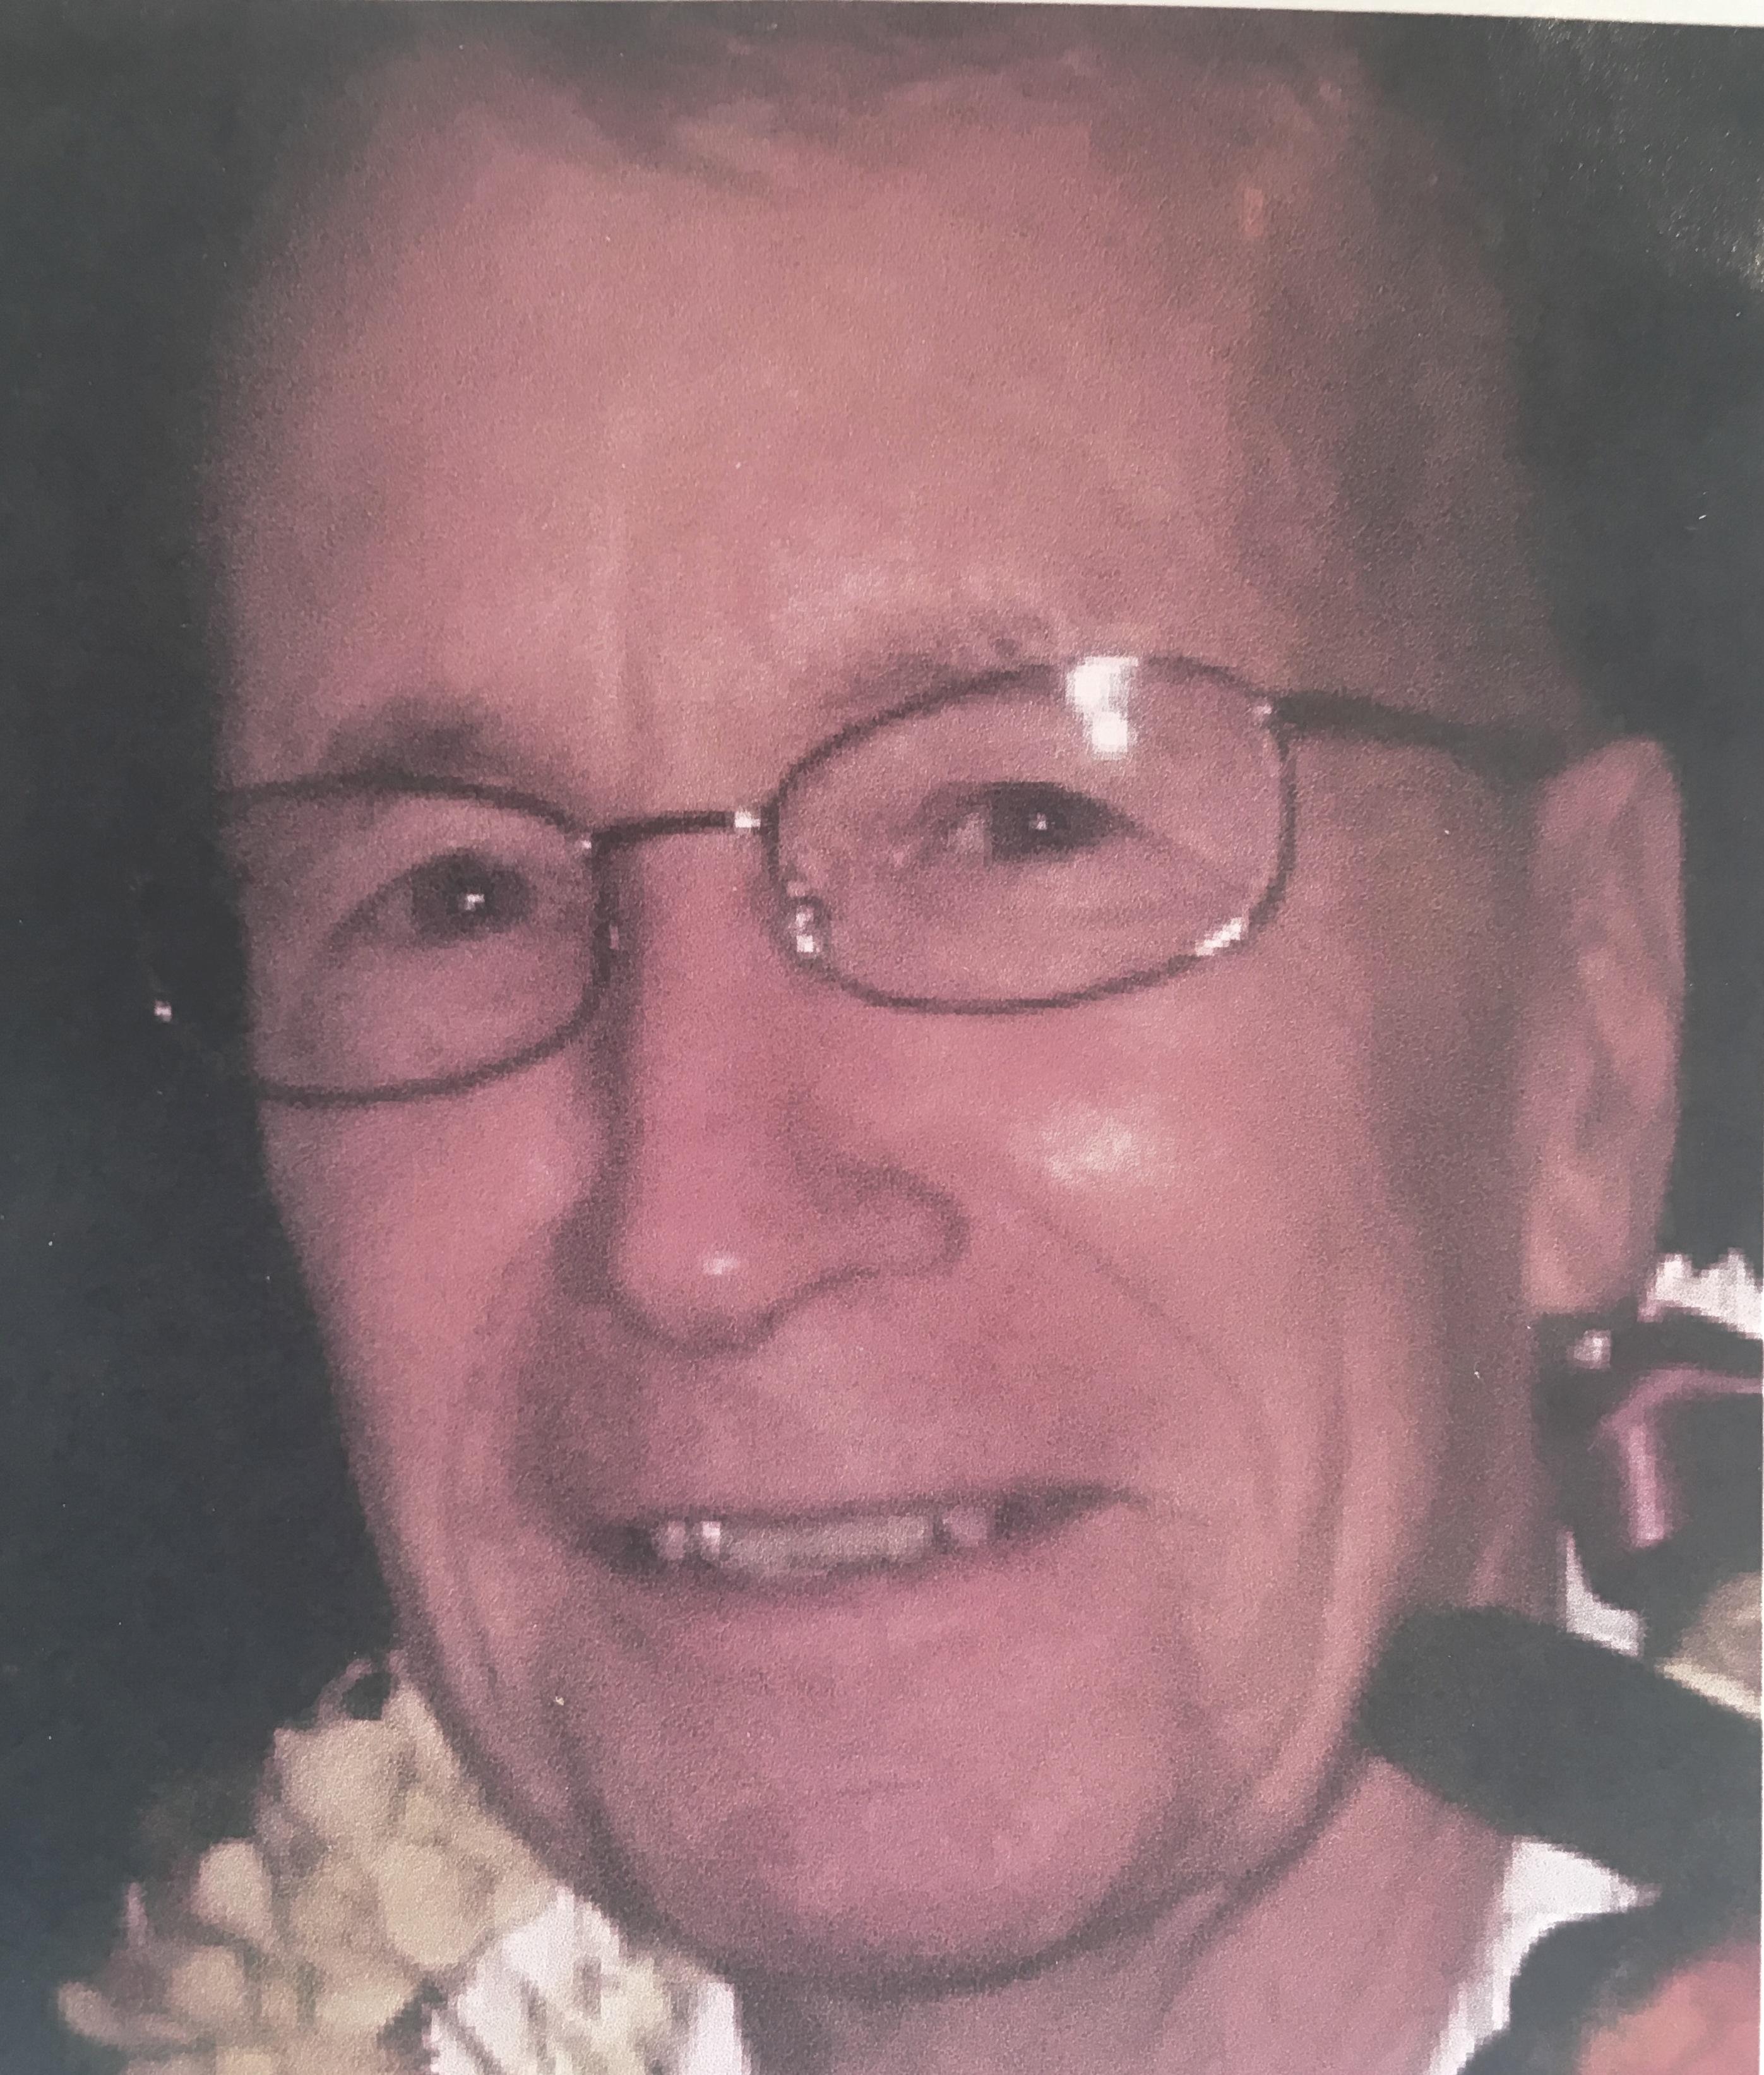 Obituaries | News, Sports, Jobs - Maui News